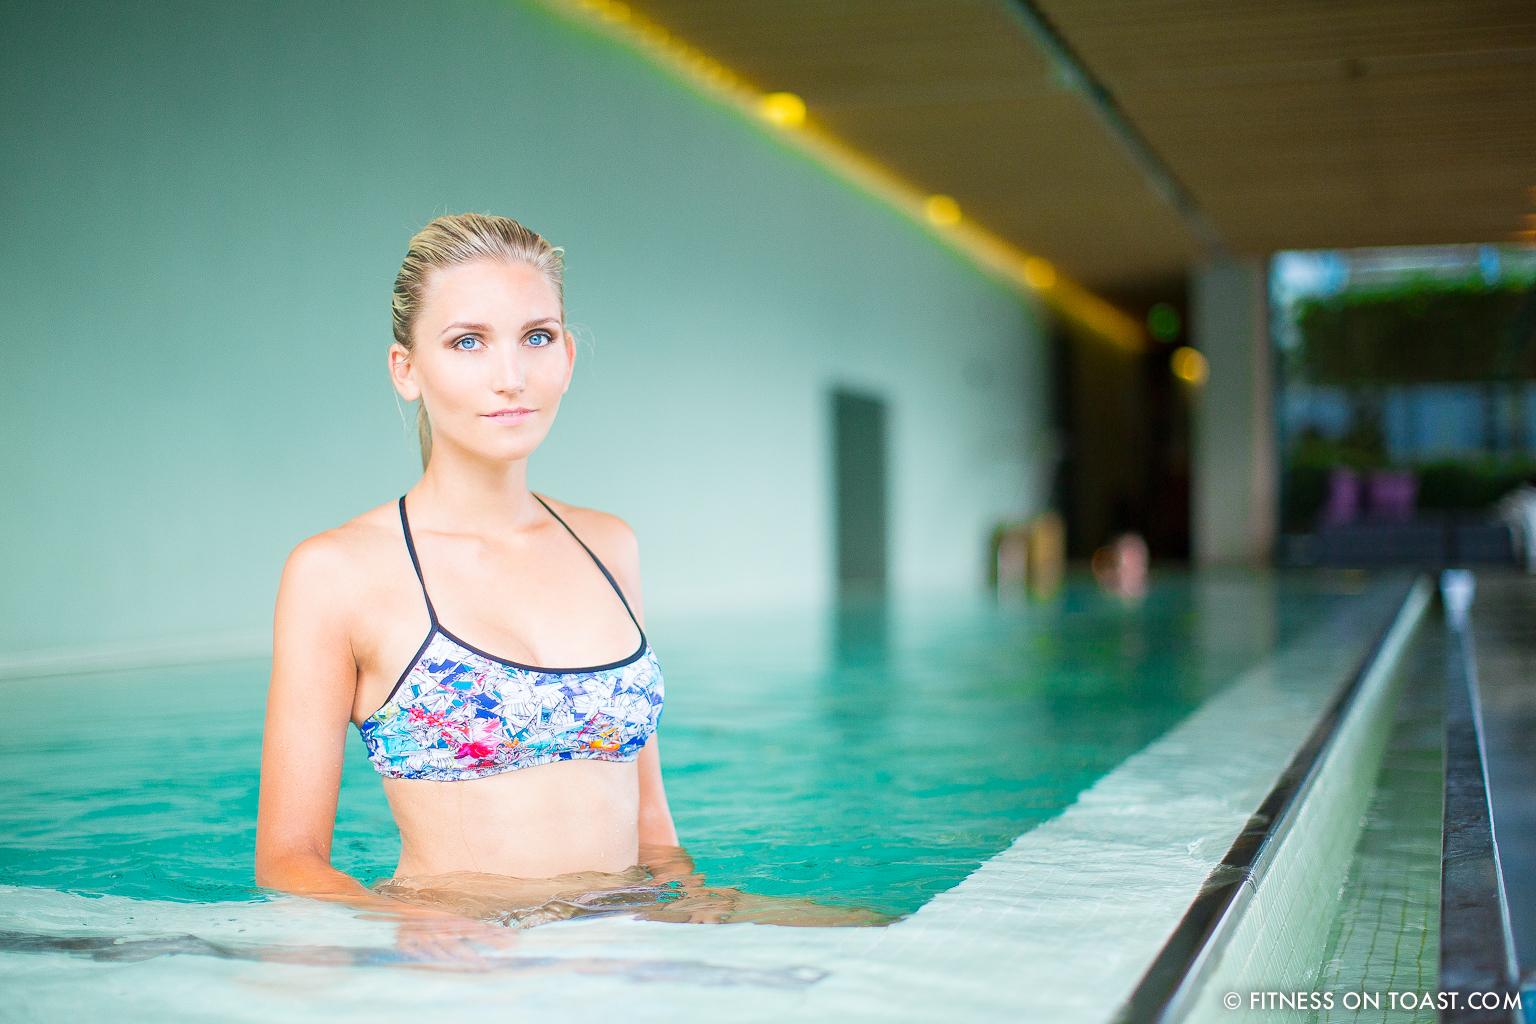 victoria milan erfarenheter massage stockholm södermalm